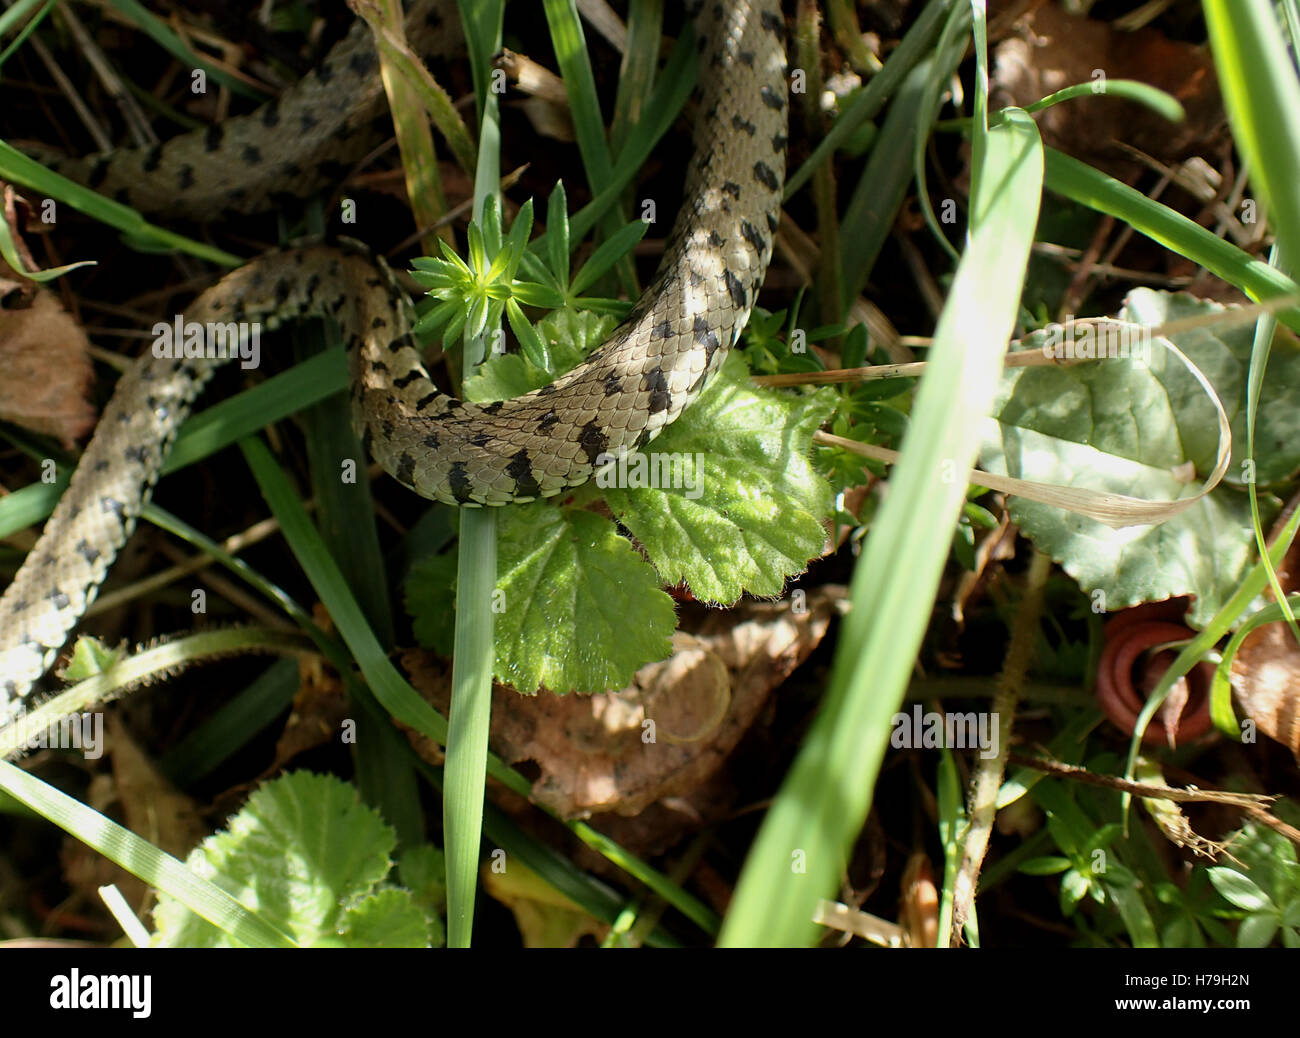 Close-up de section du milieu de la couleuvre à collier (Natrix natrix) en sous-bois dans soleil pommelé Photo Stock